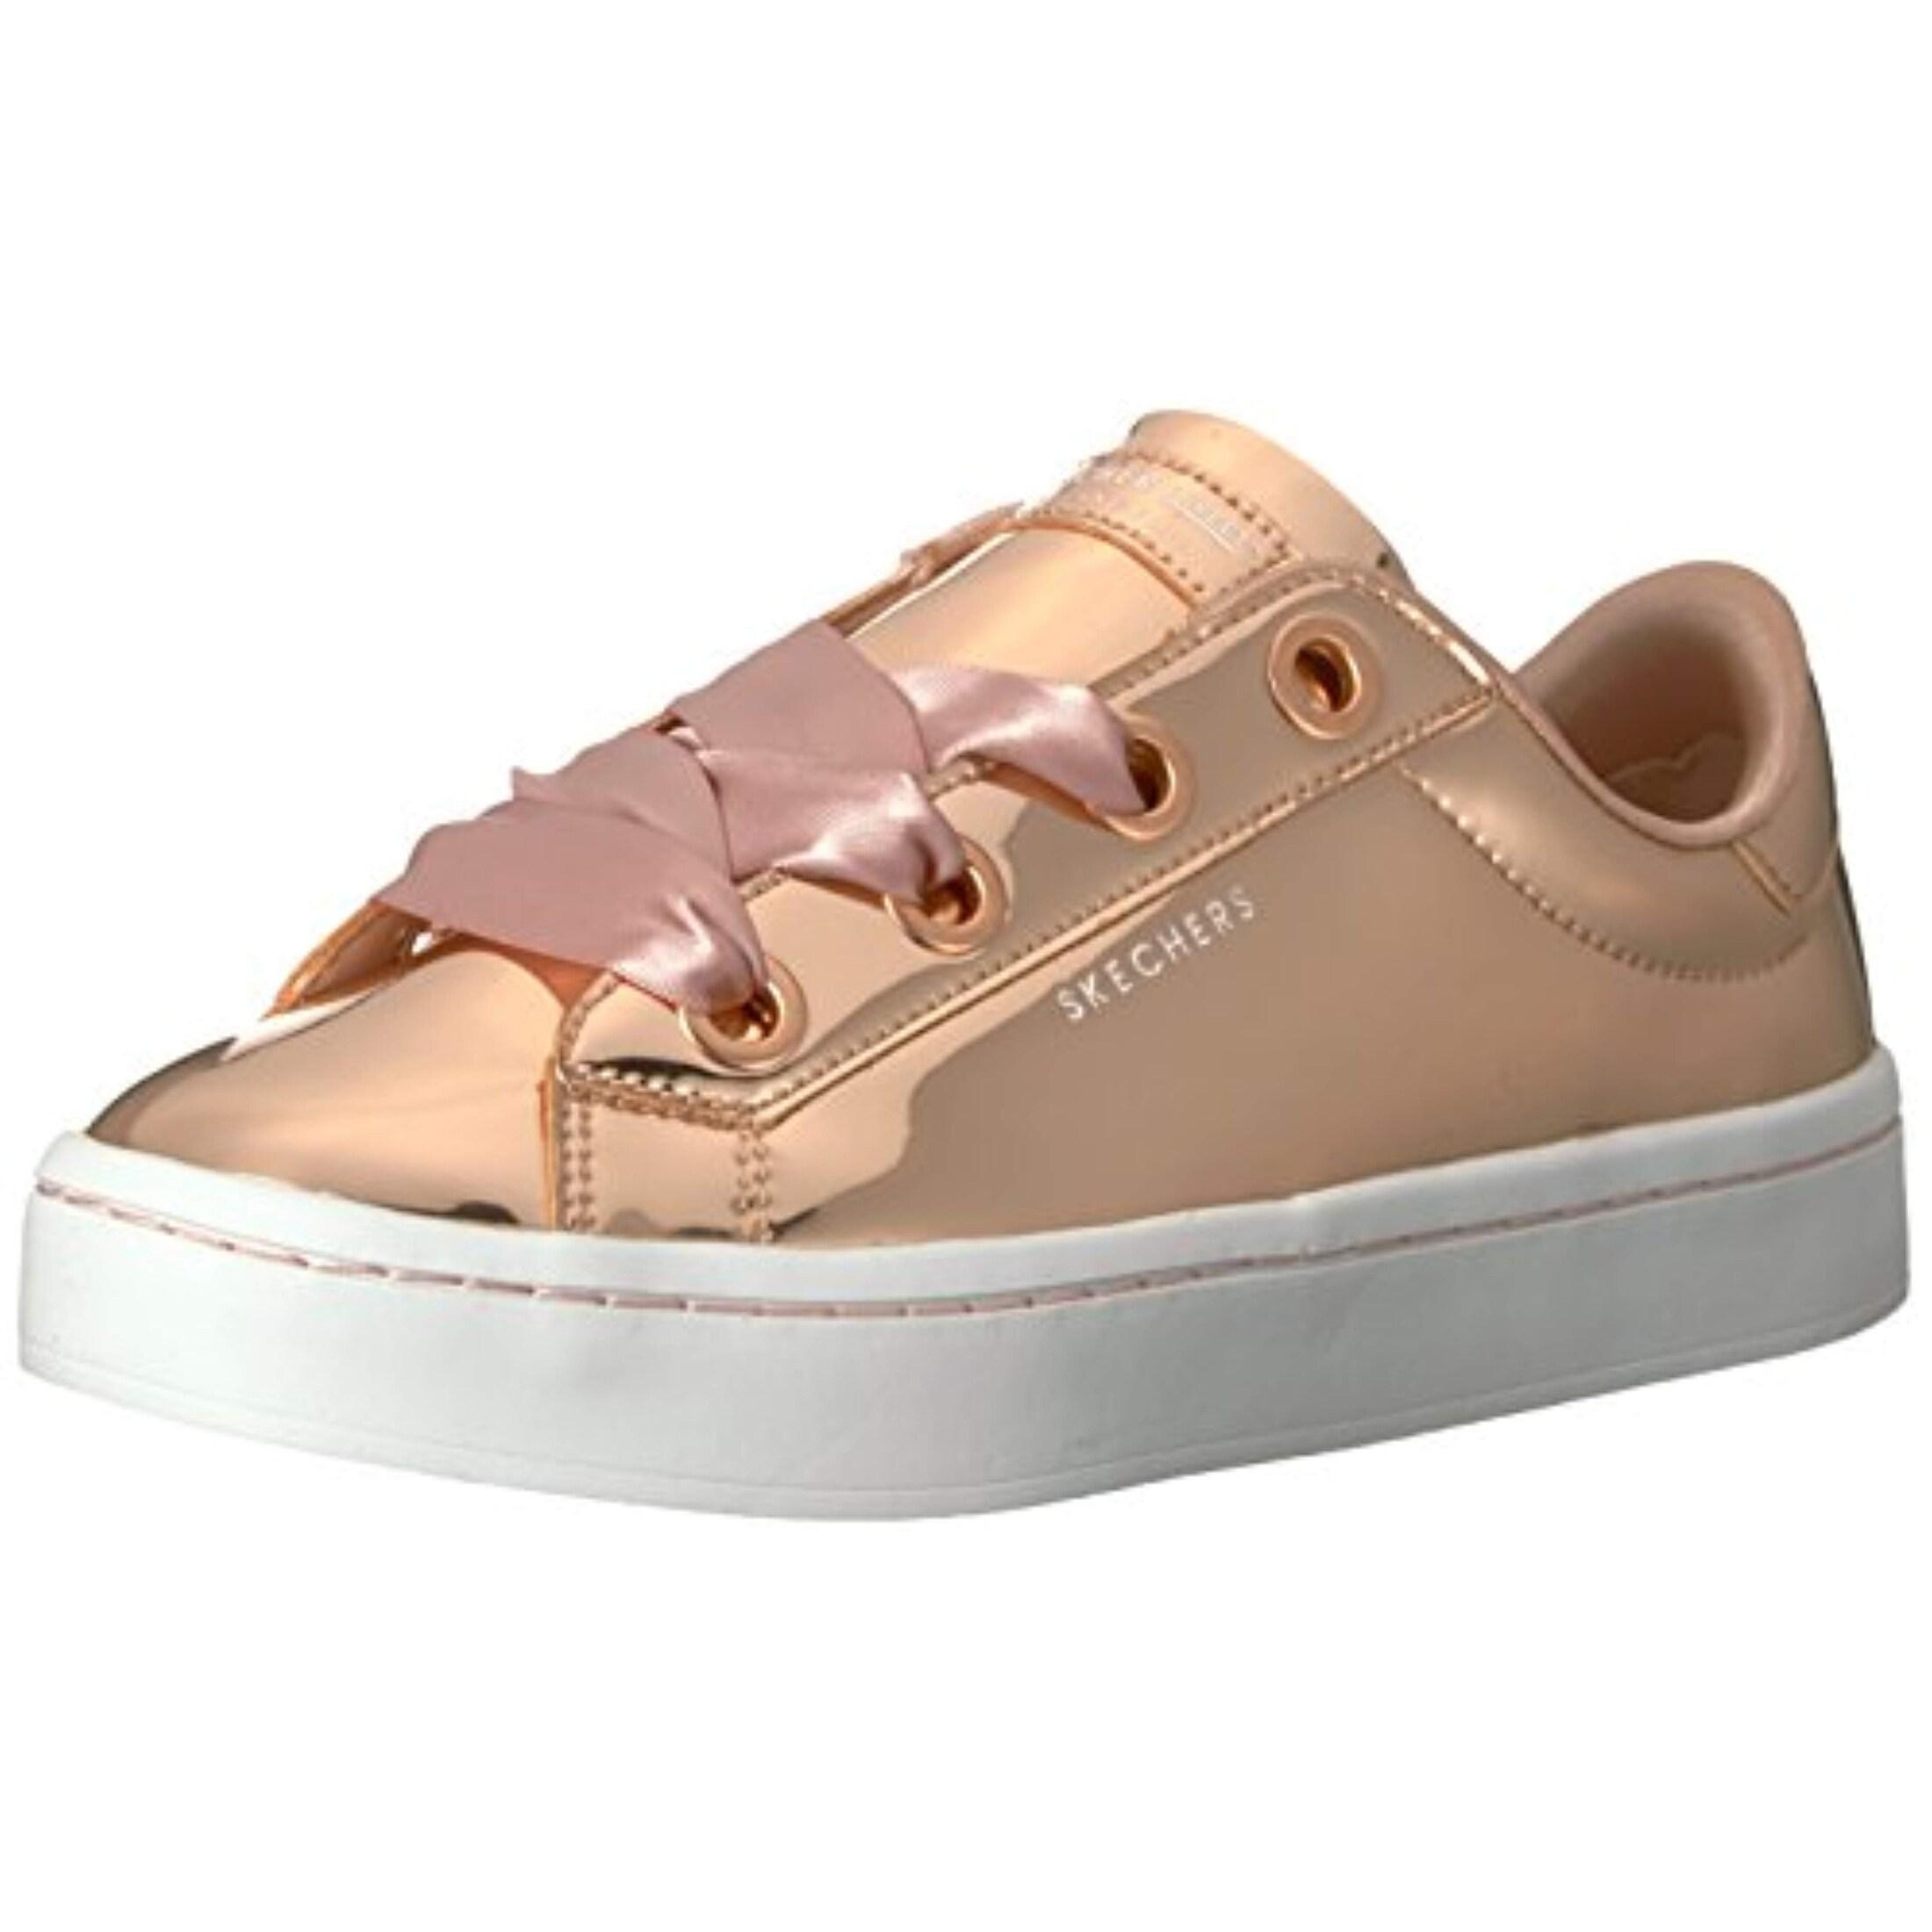 Skecher Street Women's Hi Lite Metallic Patent Sneaker,Rosegold